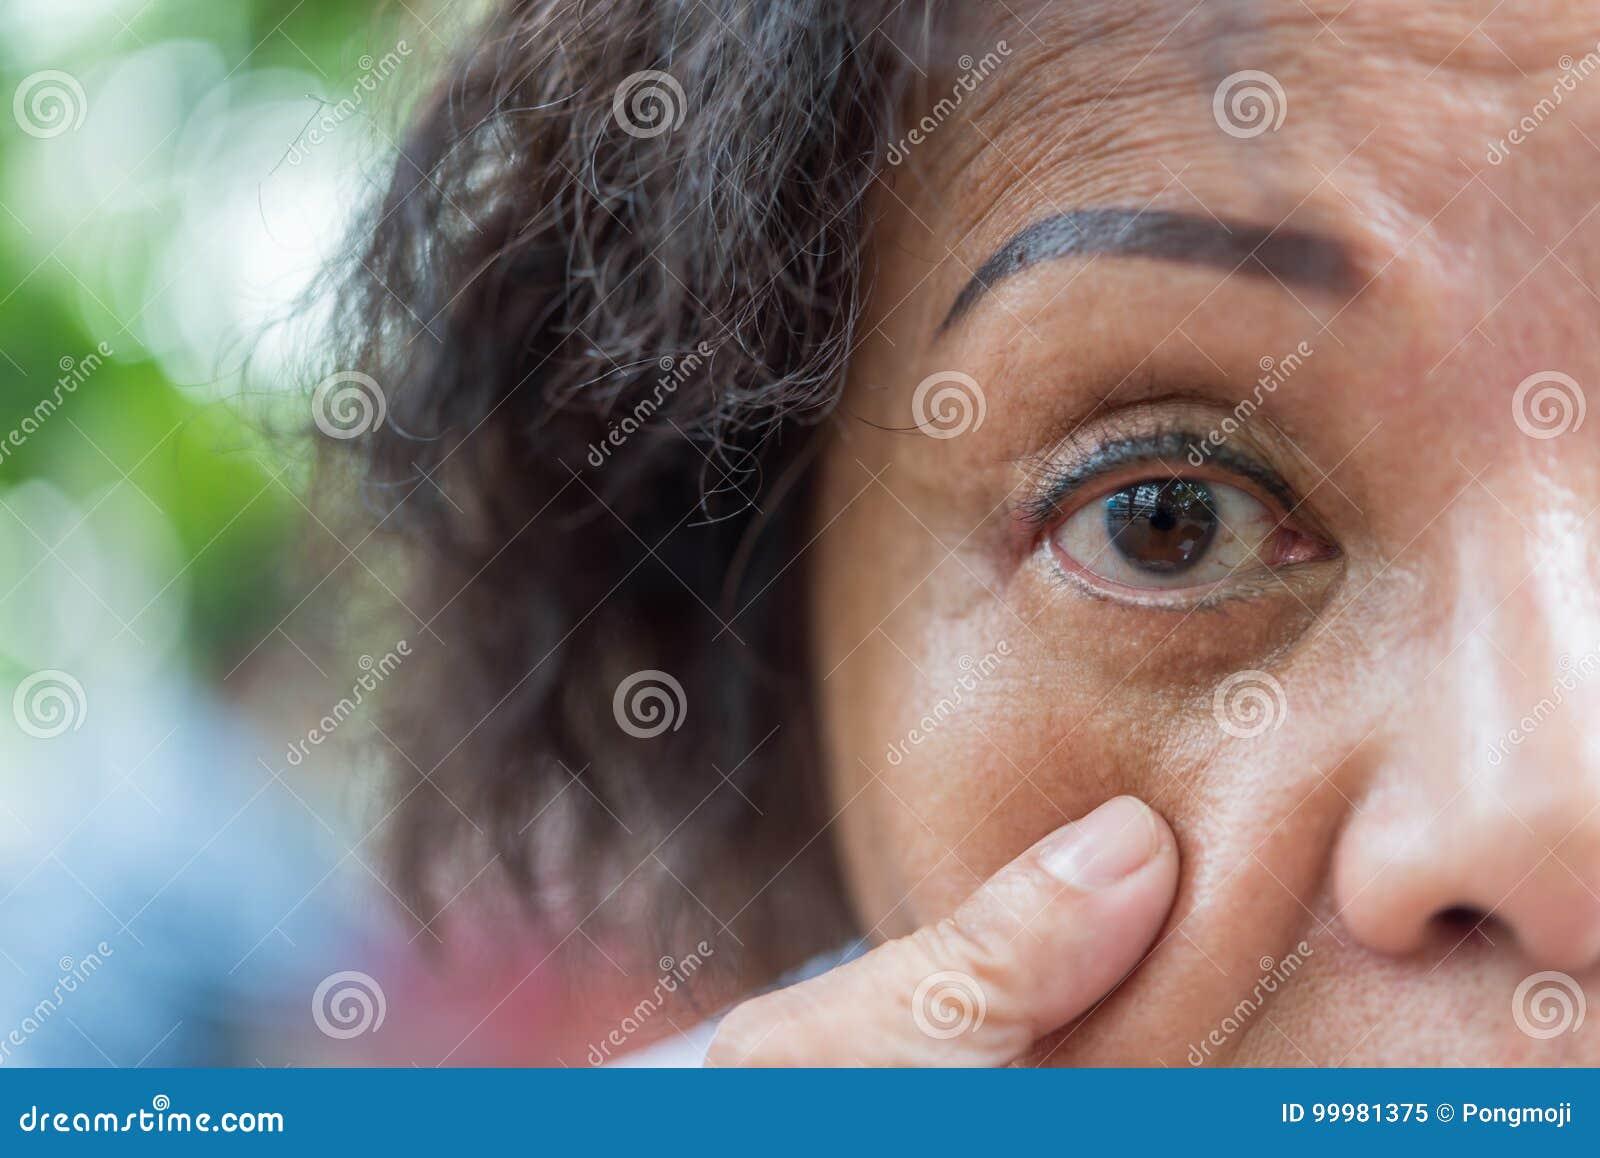 Les Femmes Plus Agees Asiatiques Lui Montrent Les Yeux Et Le Tatouage De Sourcil Image Stock Image Du Tatouage Yeux 99981375